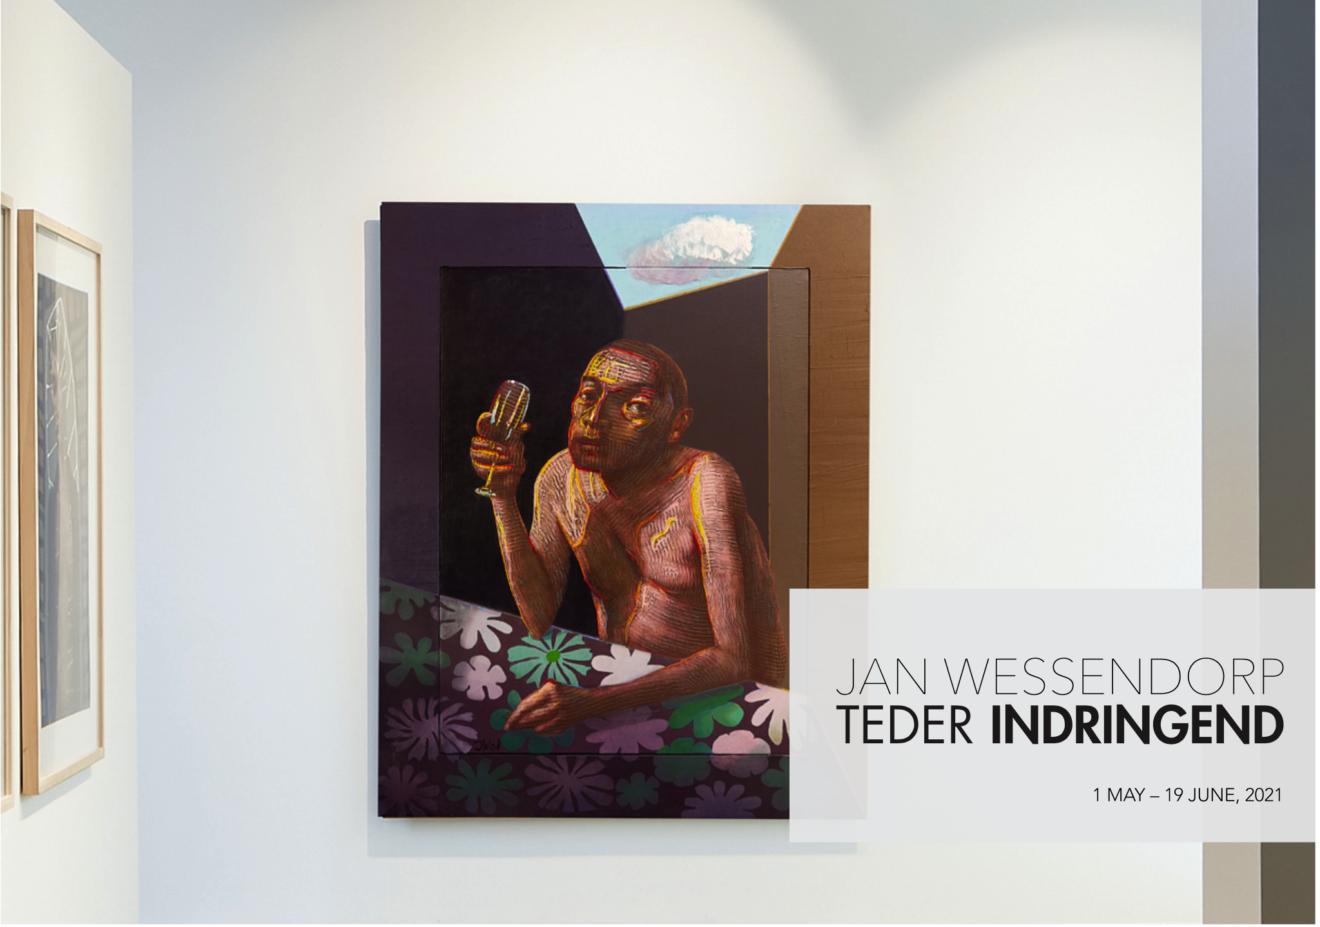 Teder Indringend, expositie Jan Wessendorp (1 mei - 19 juni 2021)